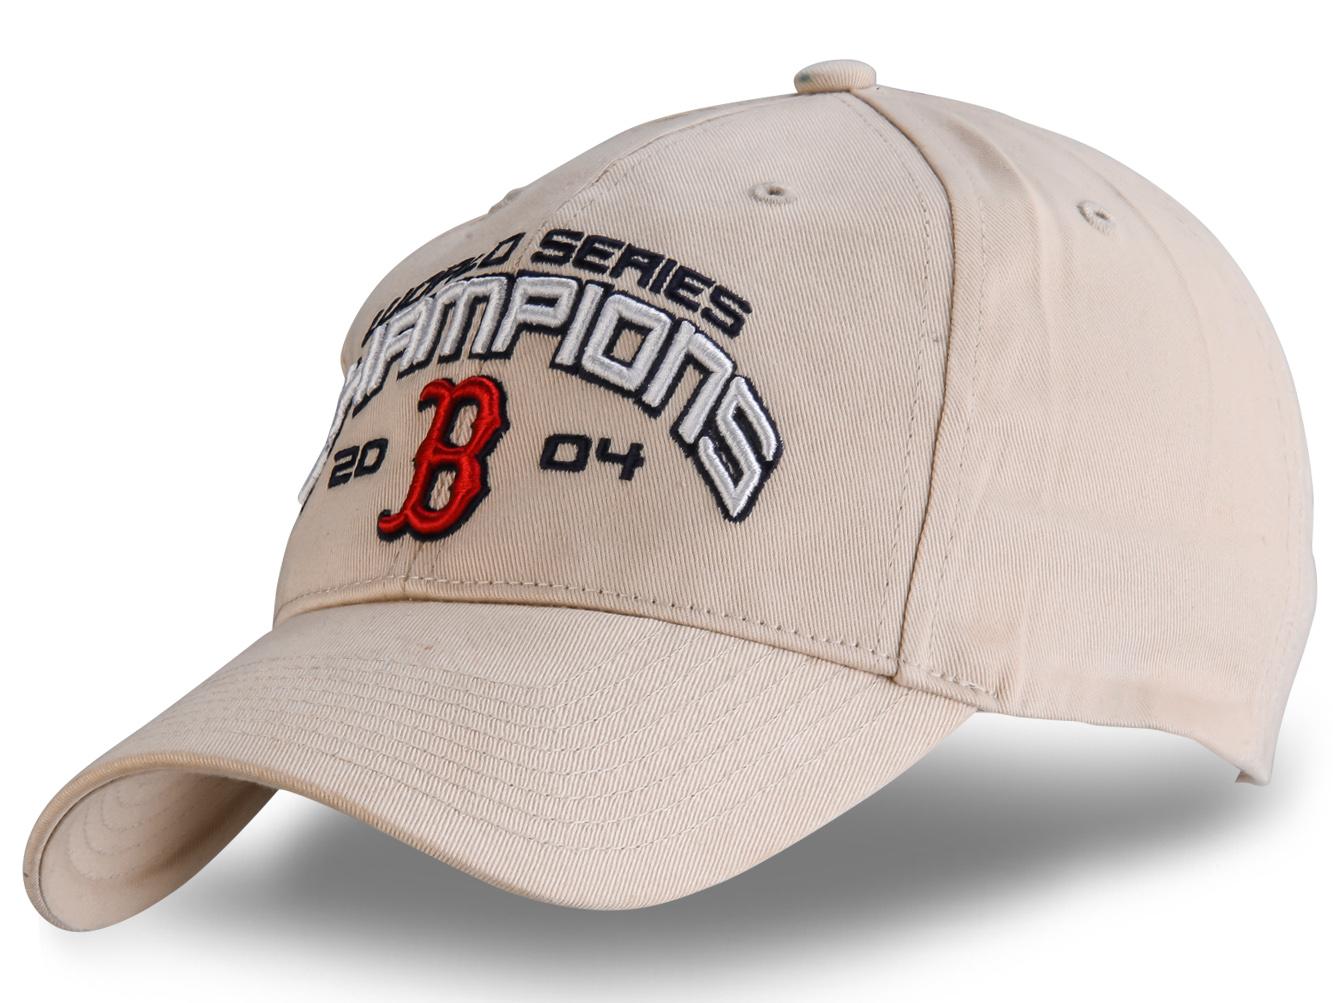 Белая спортивная бейсболка - купить в интернет-магазине